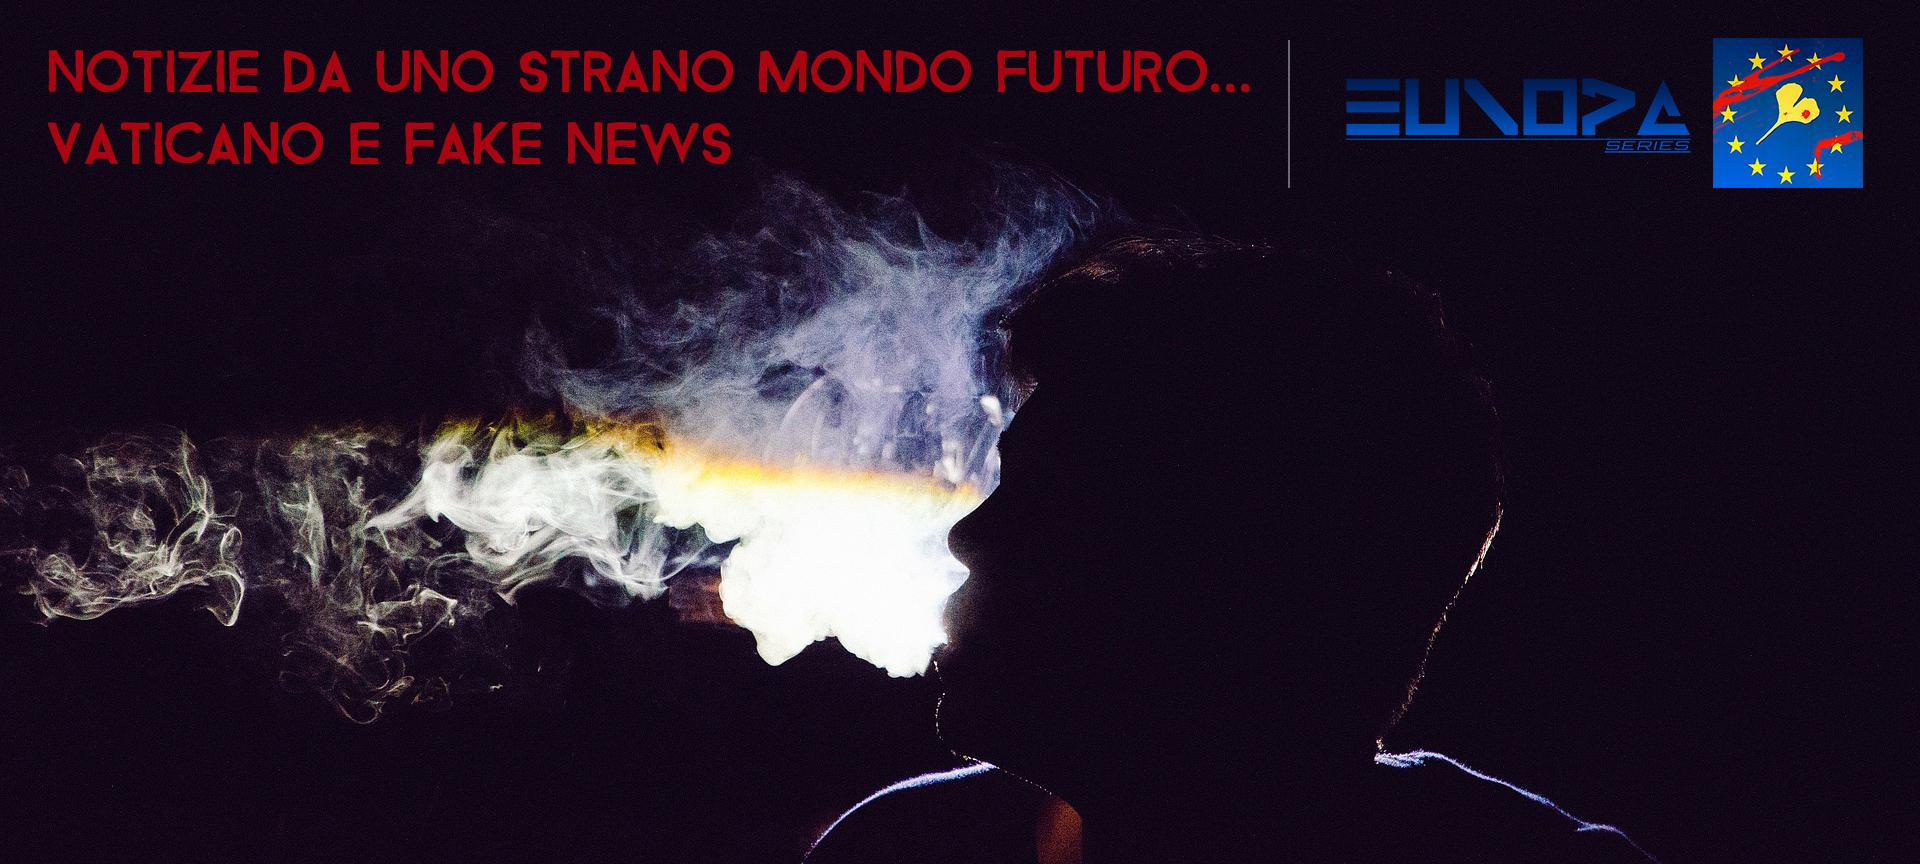 BOLLETTINO WALLACE 3 IL VATICANO FAKE NEWS - NOTIZIE DA UNO STRANO MONDO FUTURO - ALTRI DUE VIDEO INTITOLATI IL VATICANO E FAKE NEWS